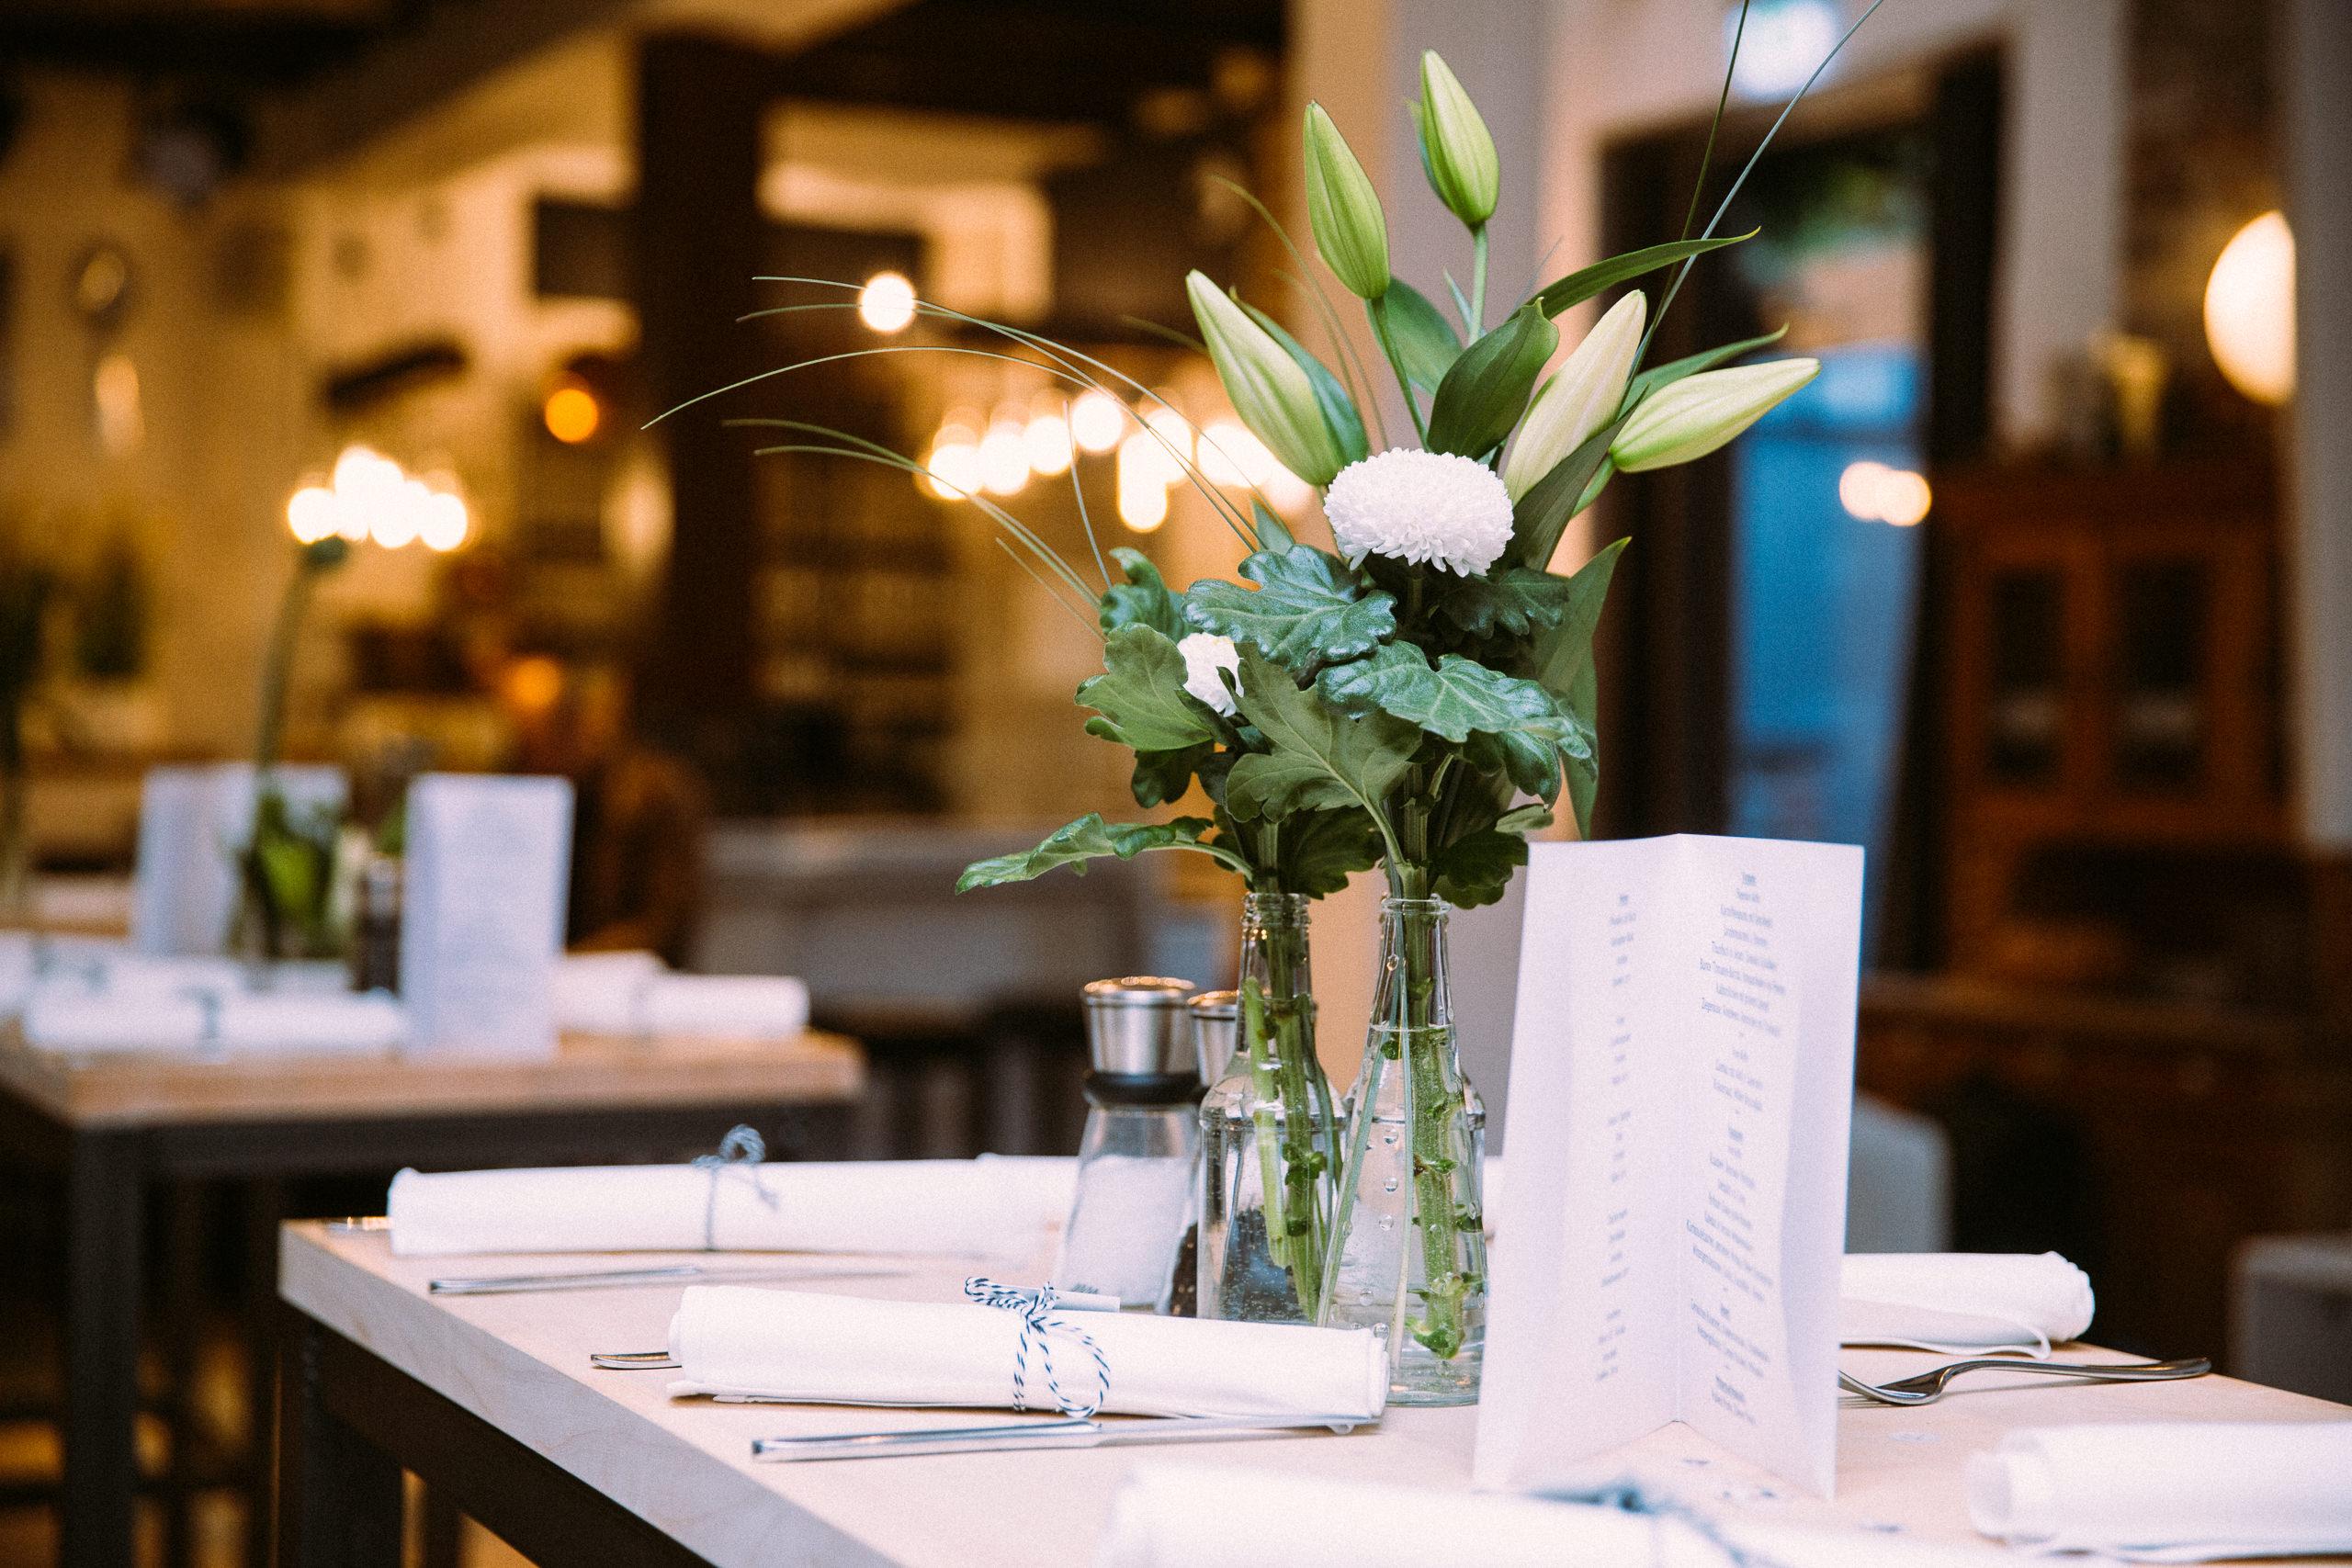 Wundervolle Tischdekoration in Ruland's Zehnthof